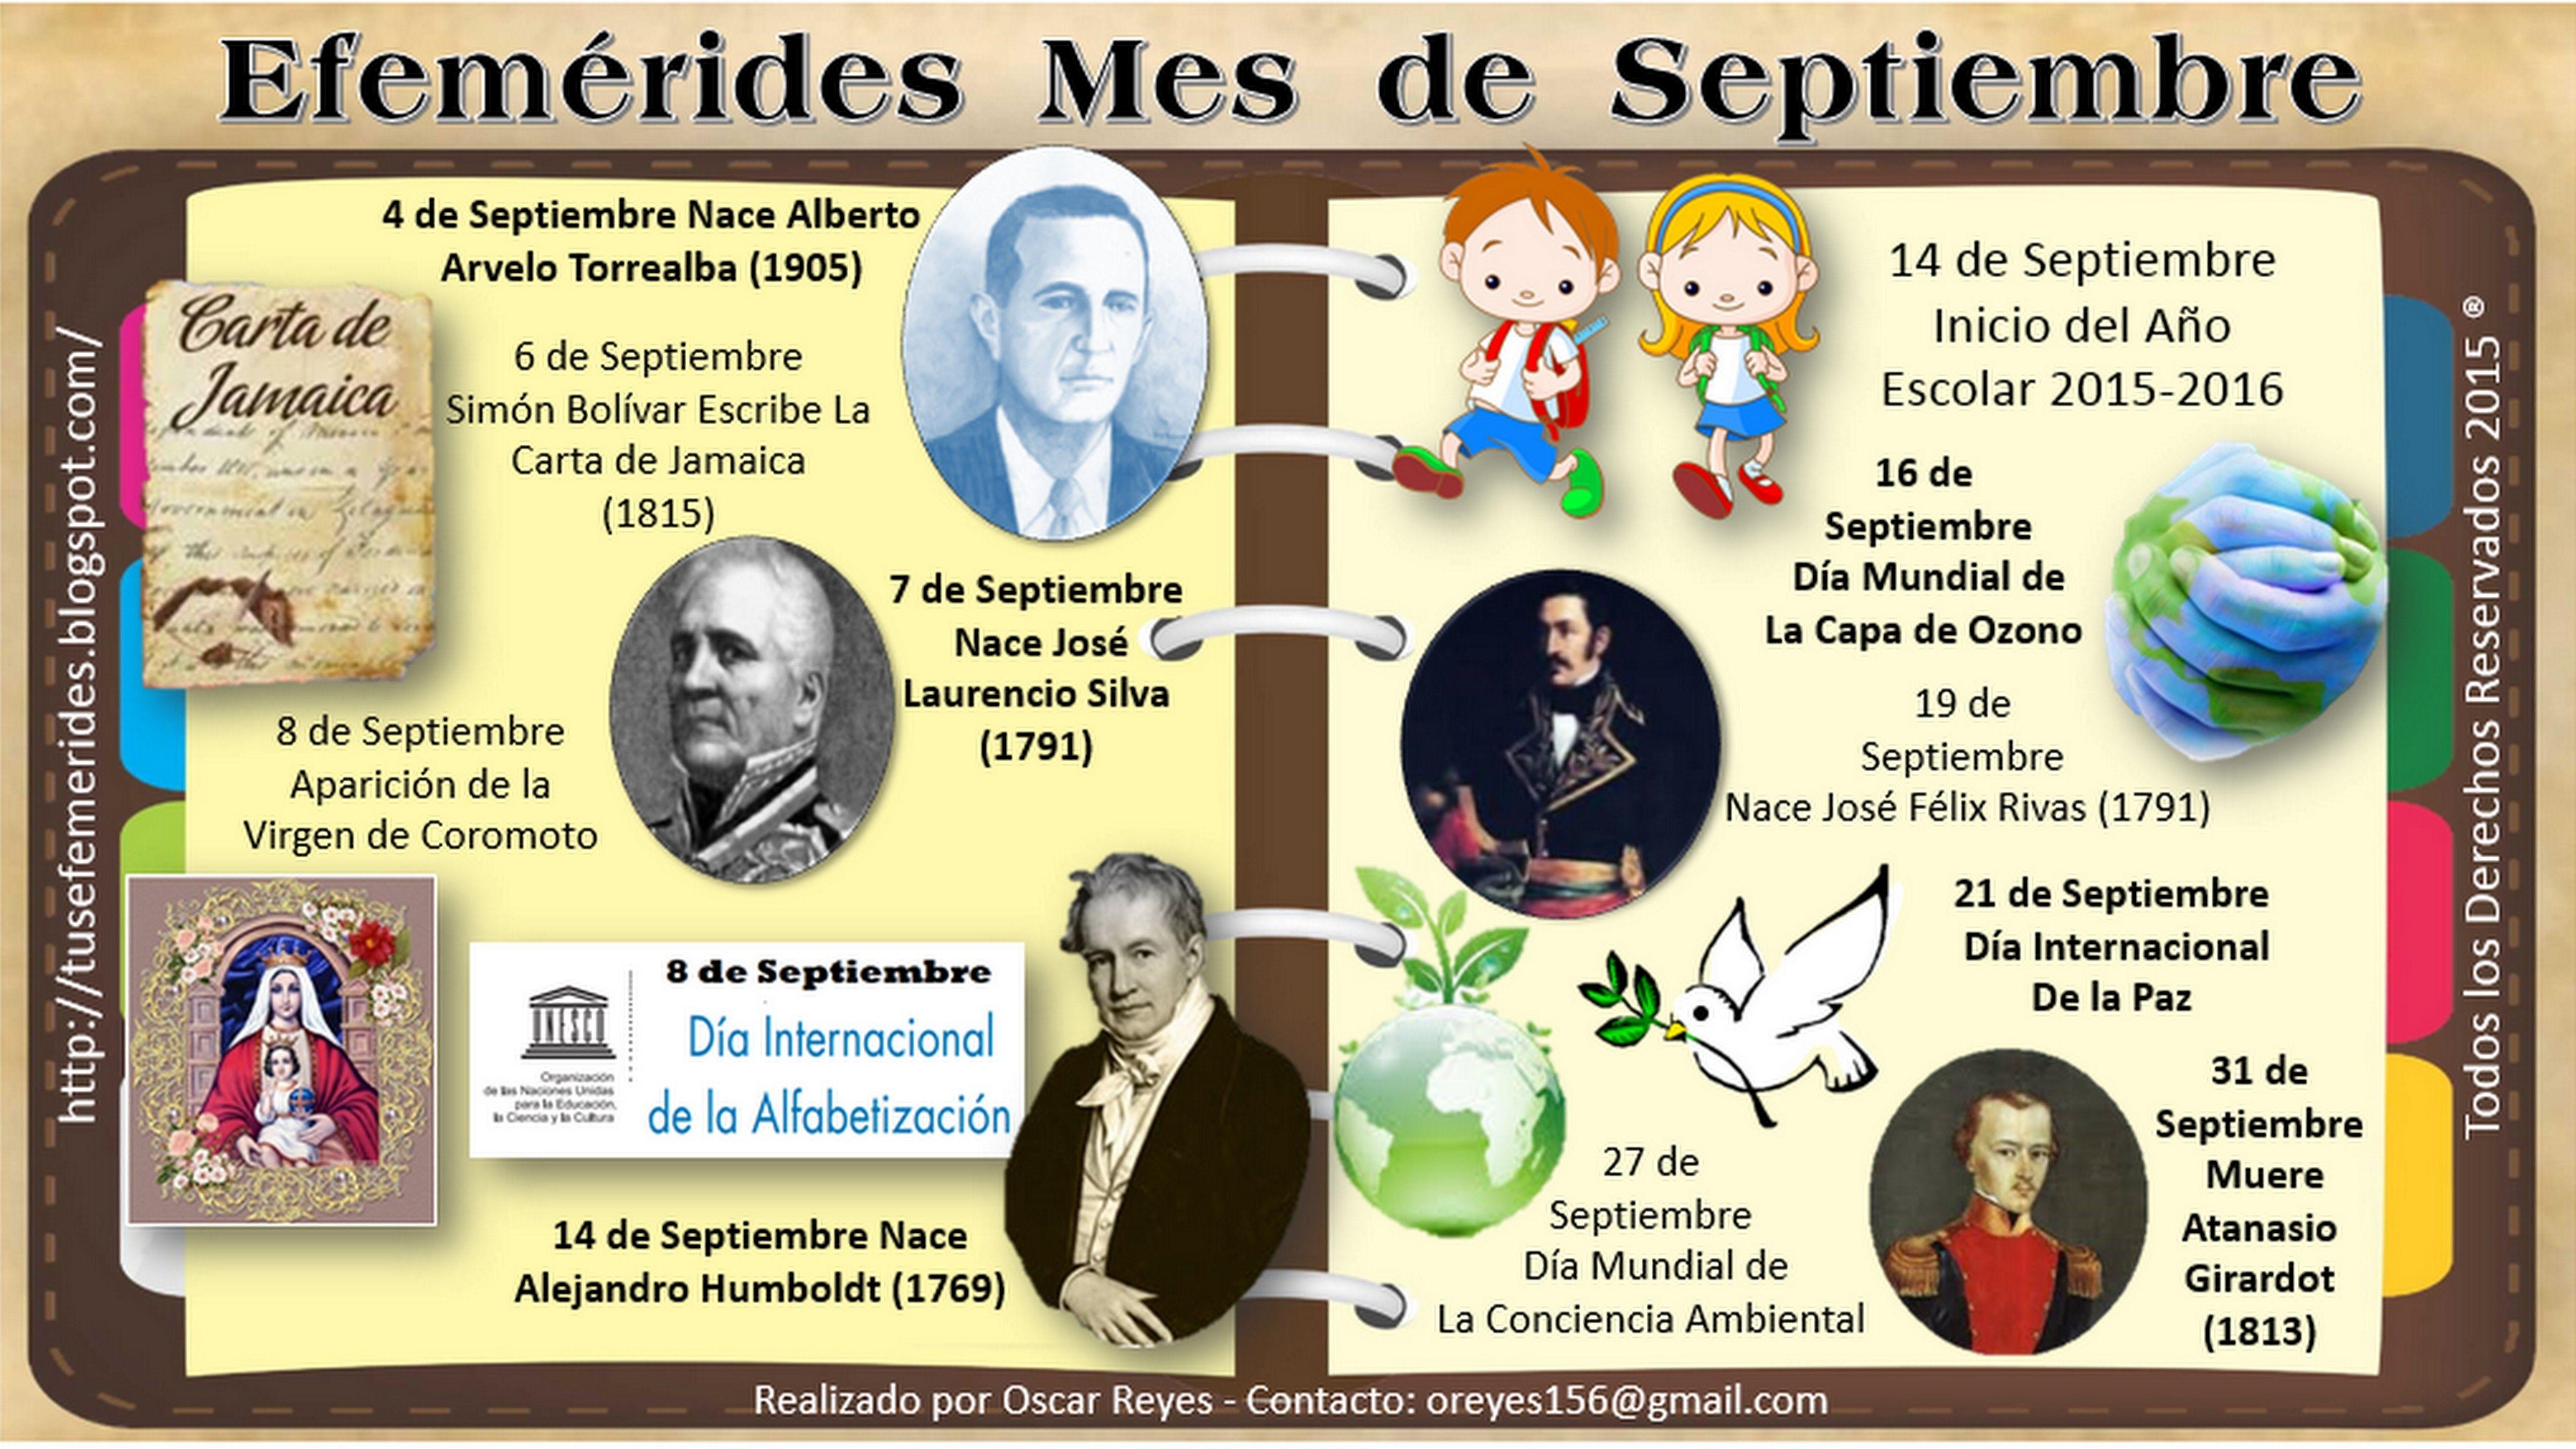 Efemérides Septiembre Efemérides Septiembre … o resultado de calendario 2019